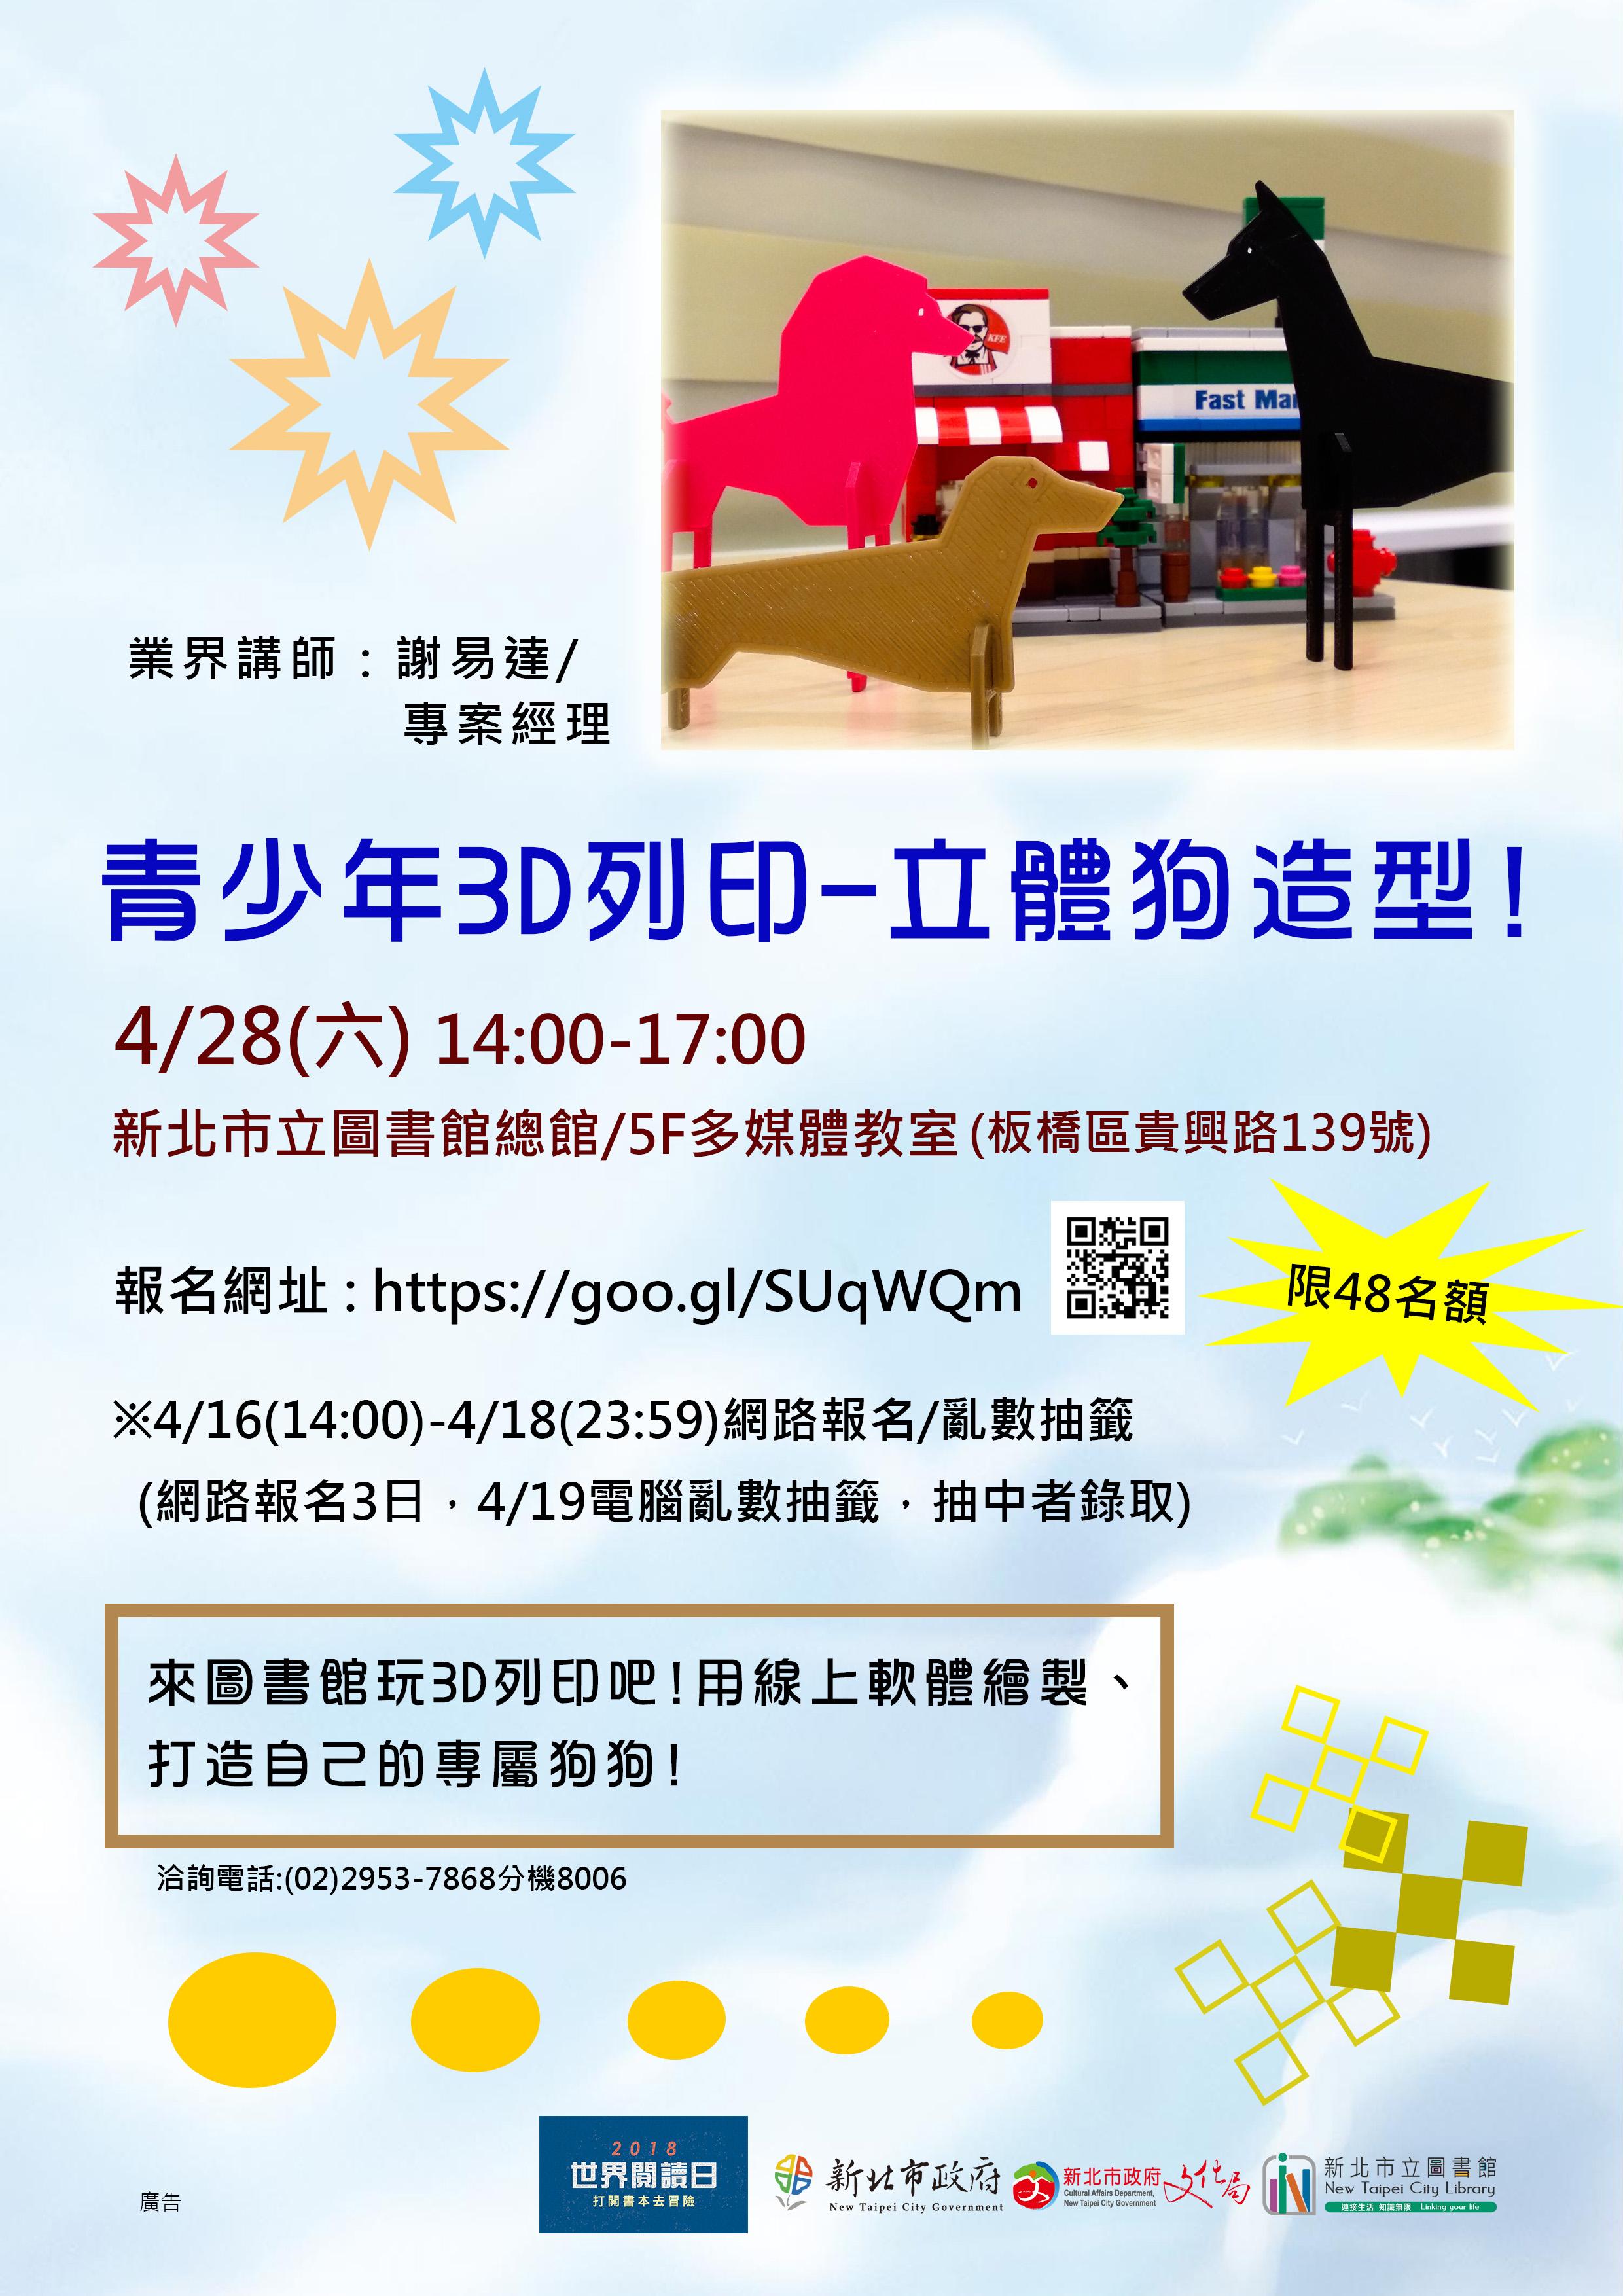 「青少年青春不留白-感恩節3D列印」活動海報